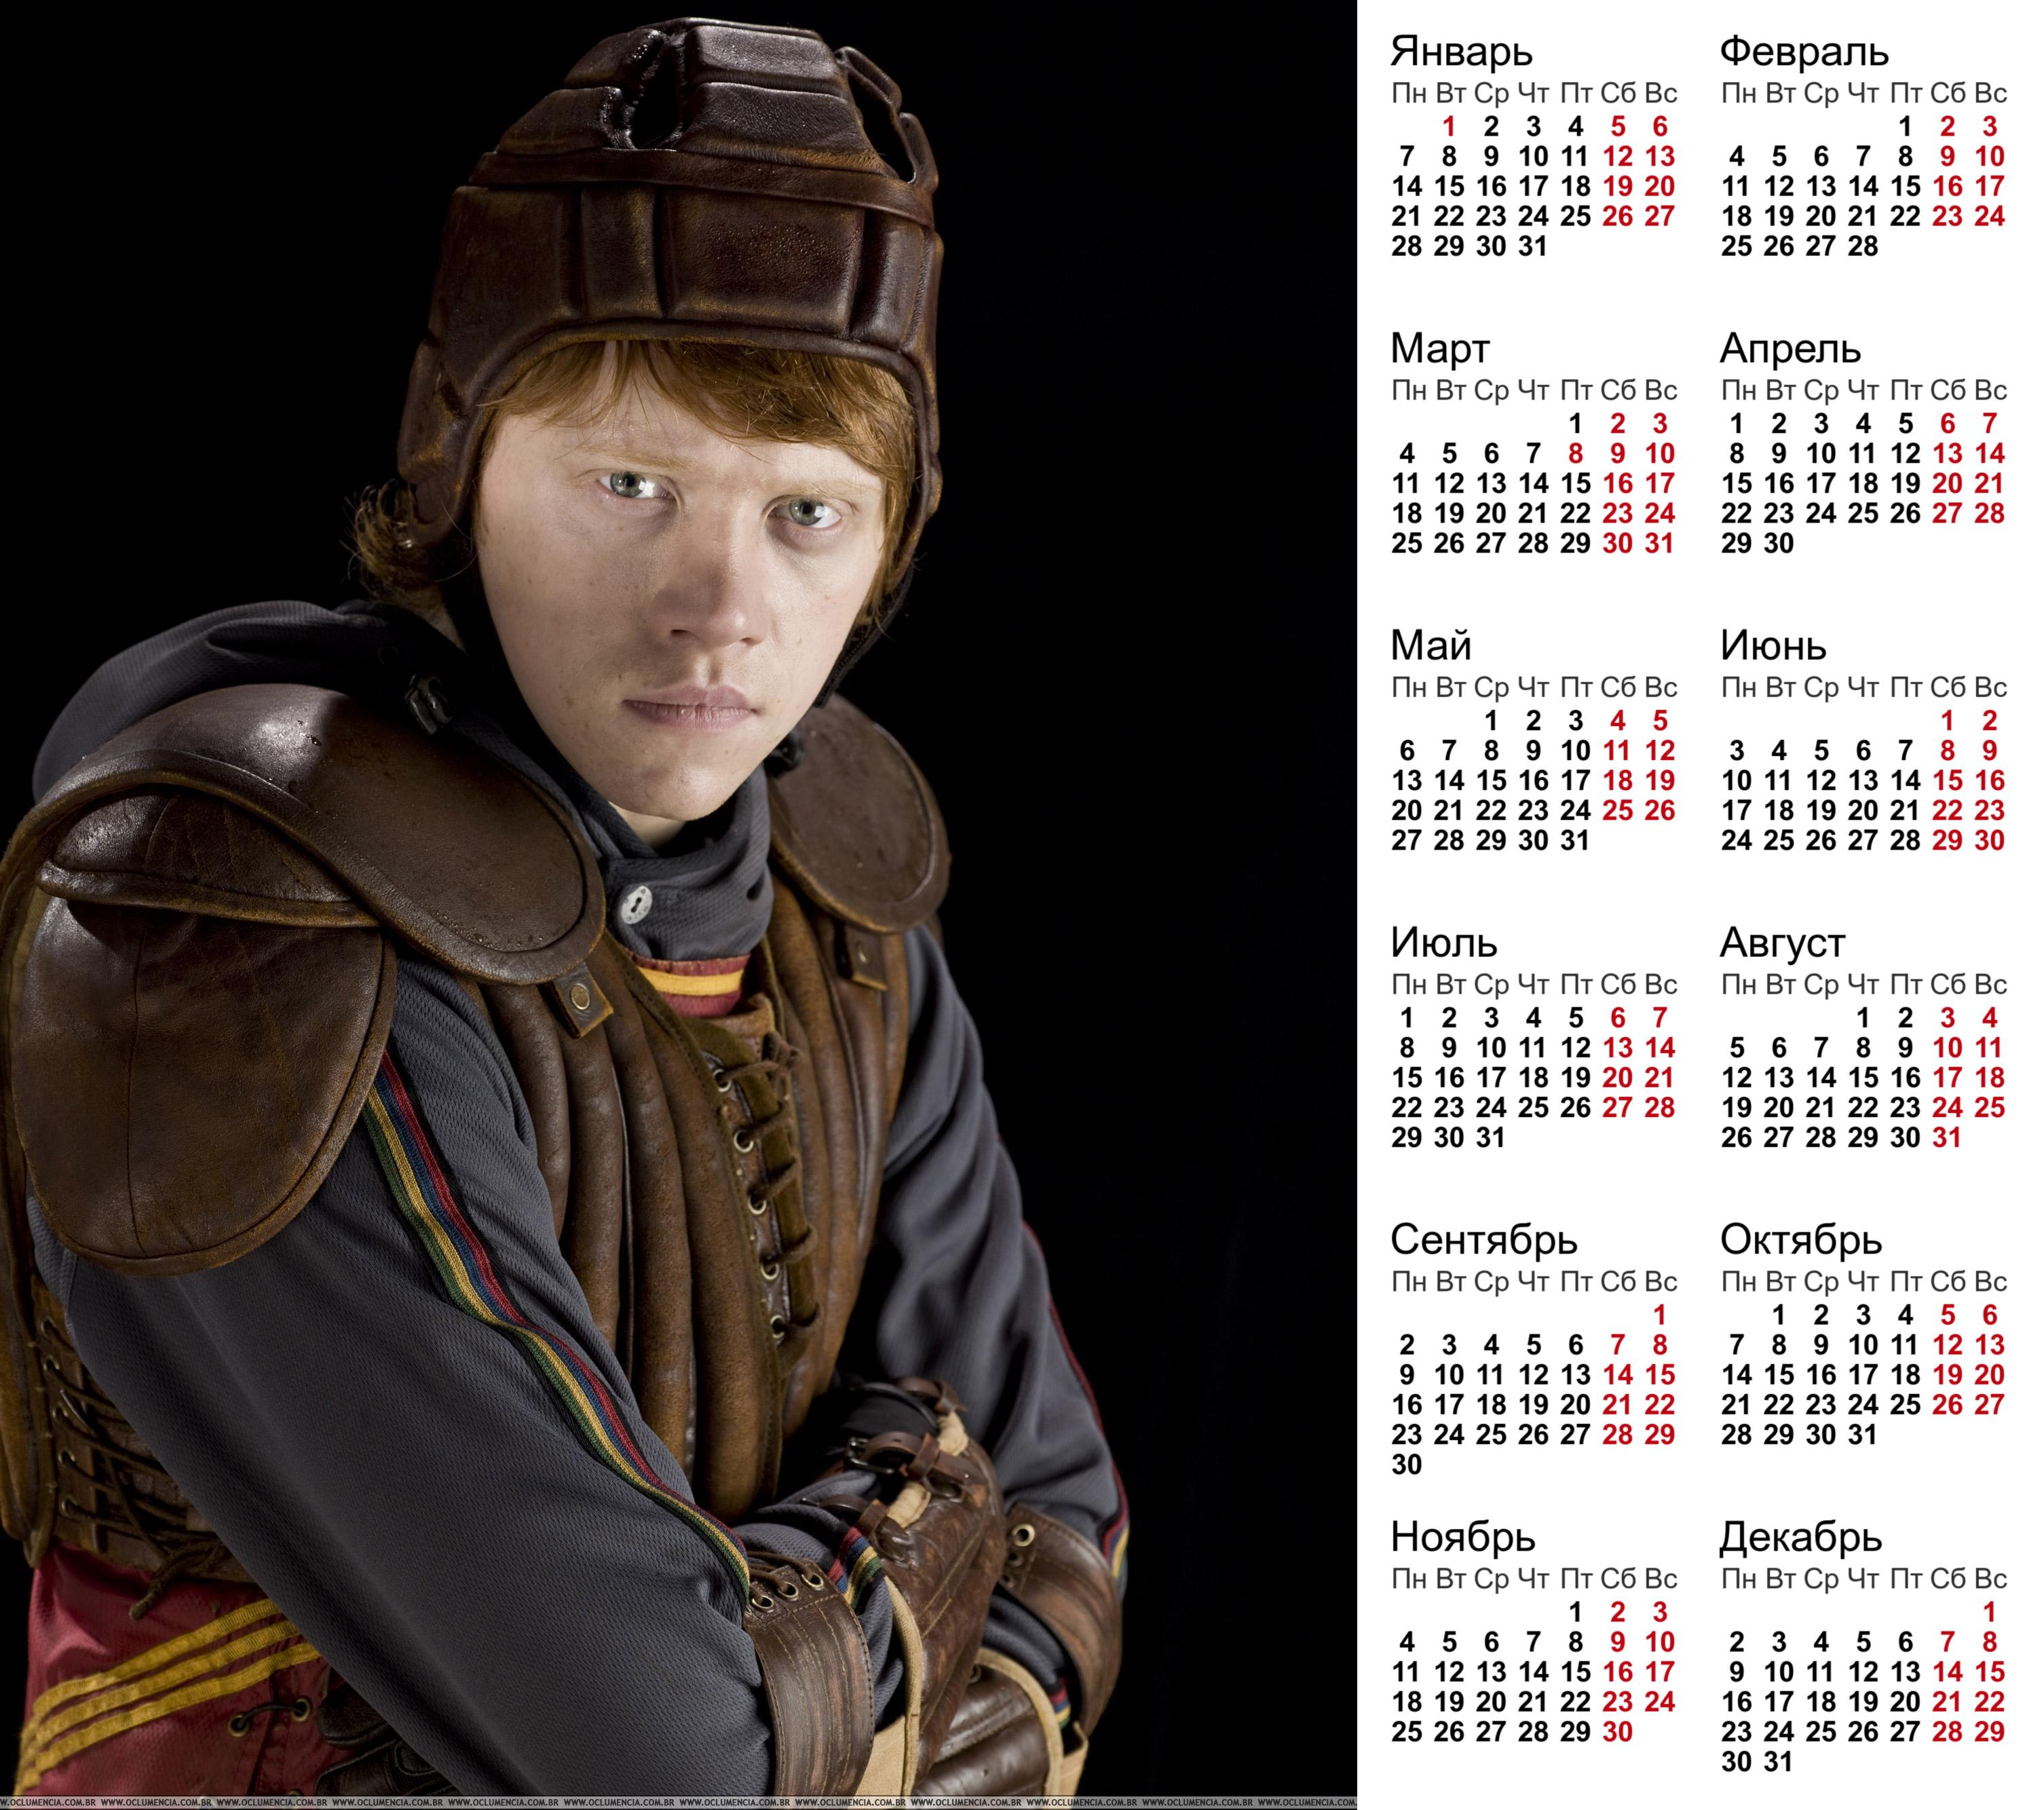 imgonline-com-ua-Calendar-2019-lcpC2W2dPS1y2.jpg